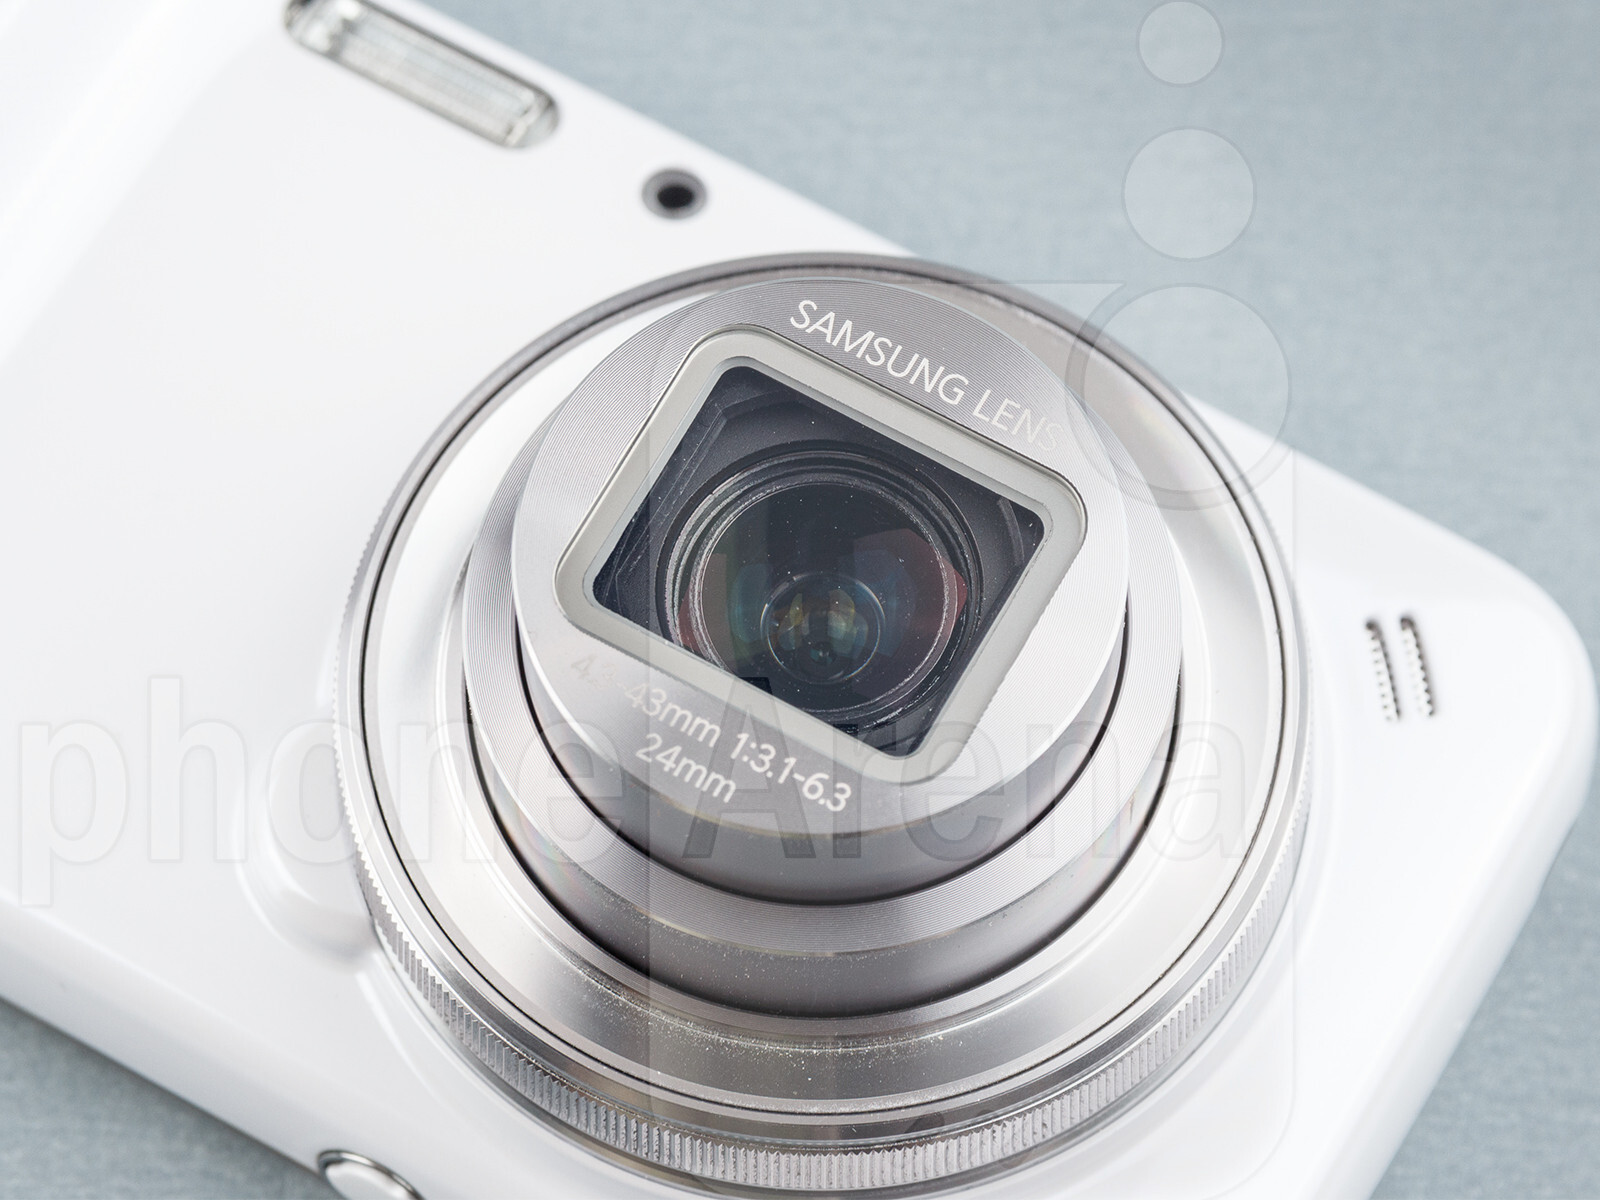 Samsung Galaxy S4 Zoom Photos K 8gb Black